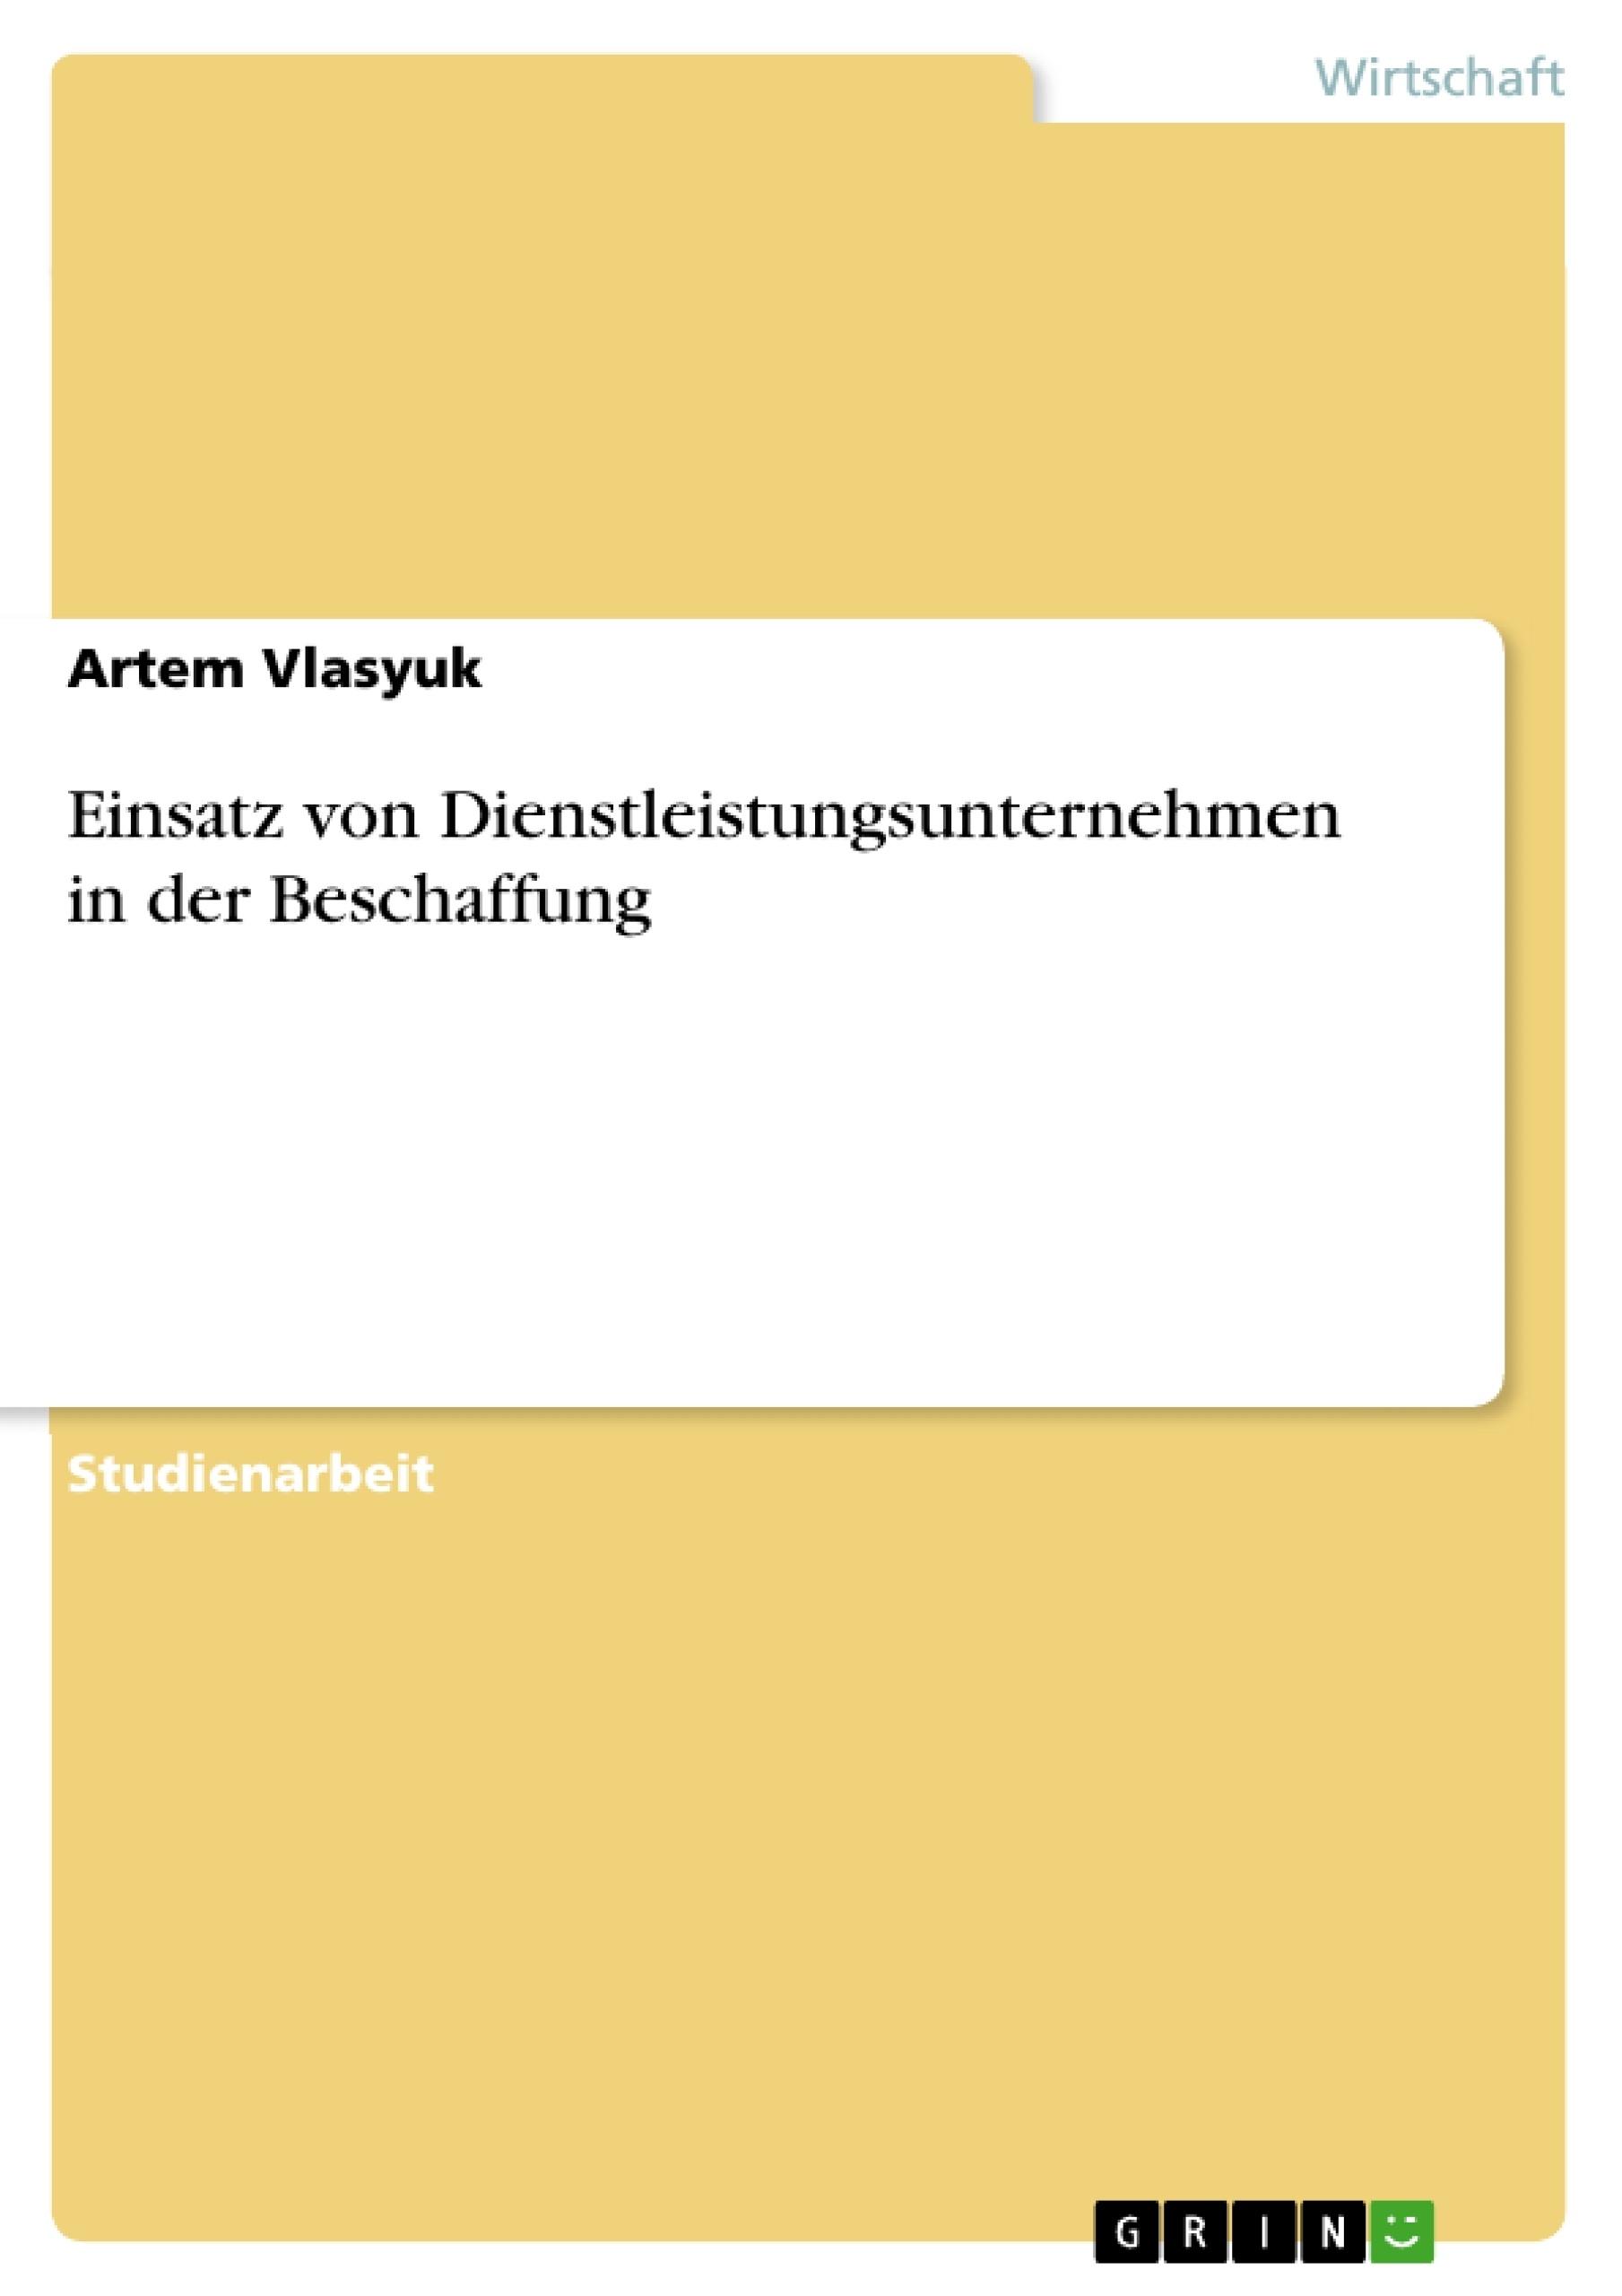 Titel: Einsatz von Dienstleistungsunternehmen in der Beschaffung